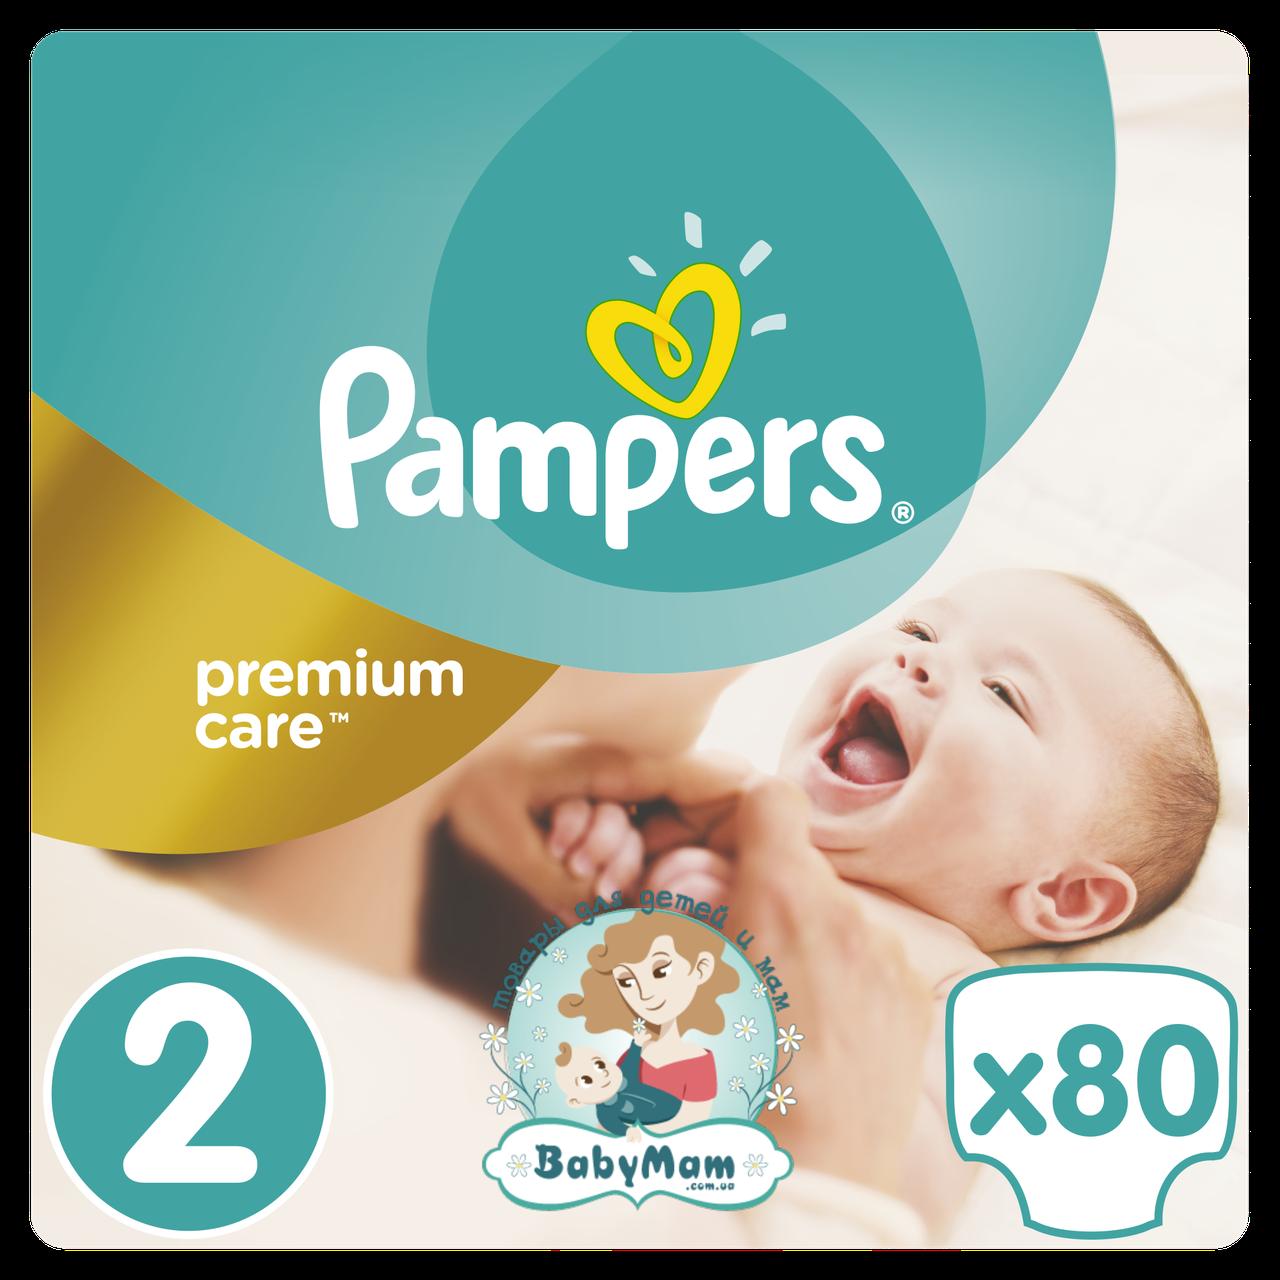 Подгузники Pampers Premium Care New Born Размер 2 (Для новорожденных) 3-6 кг, 80 подгузников